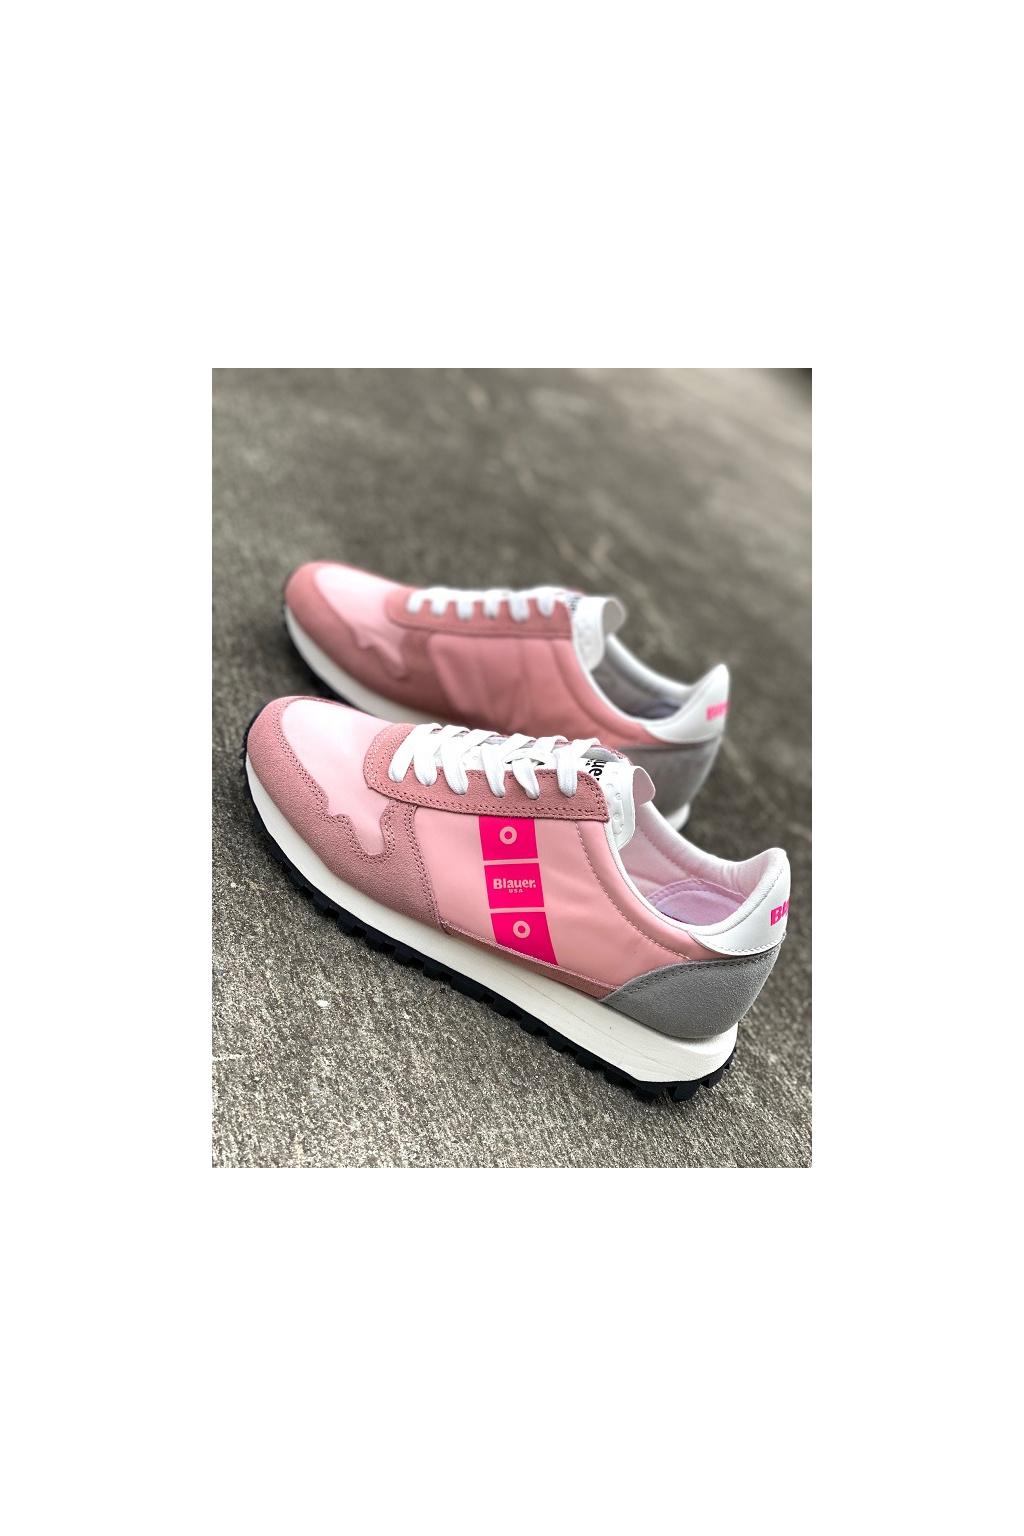 Dámské tenisky Blauer S1MERRILL01 růžové